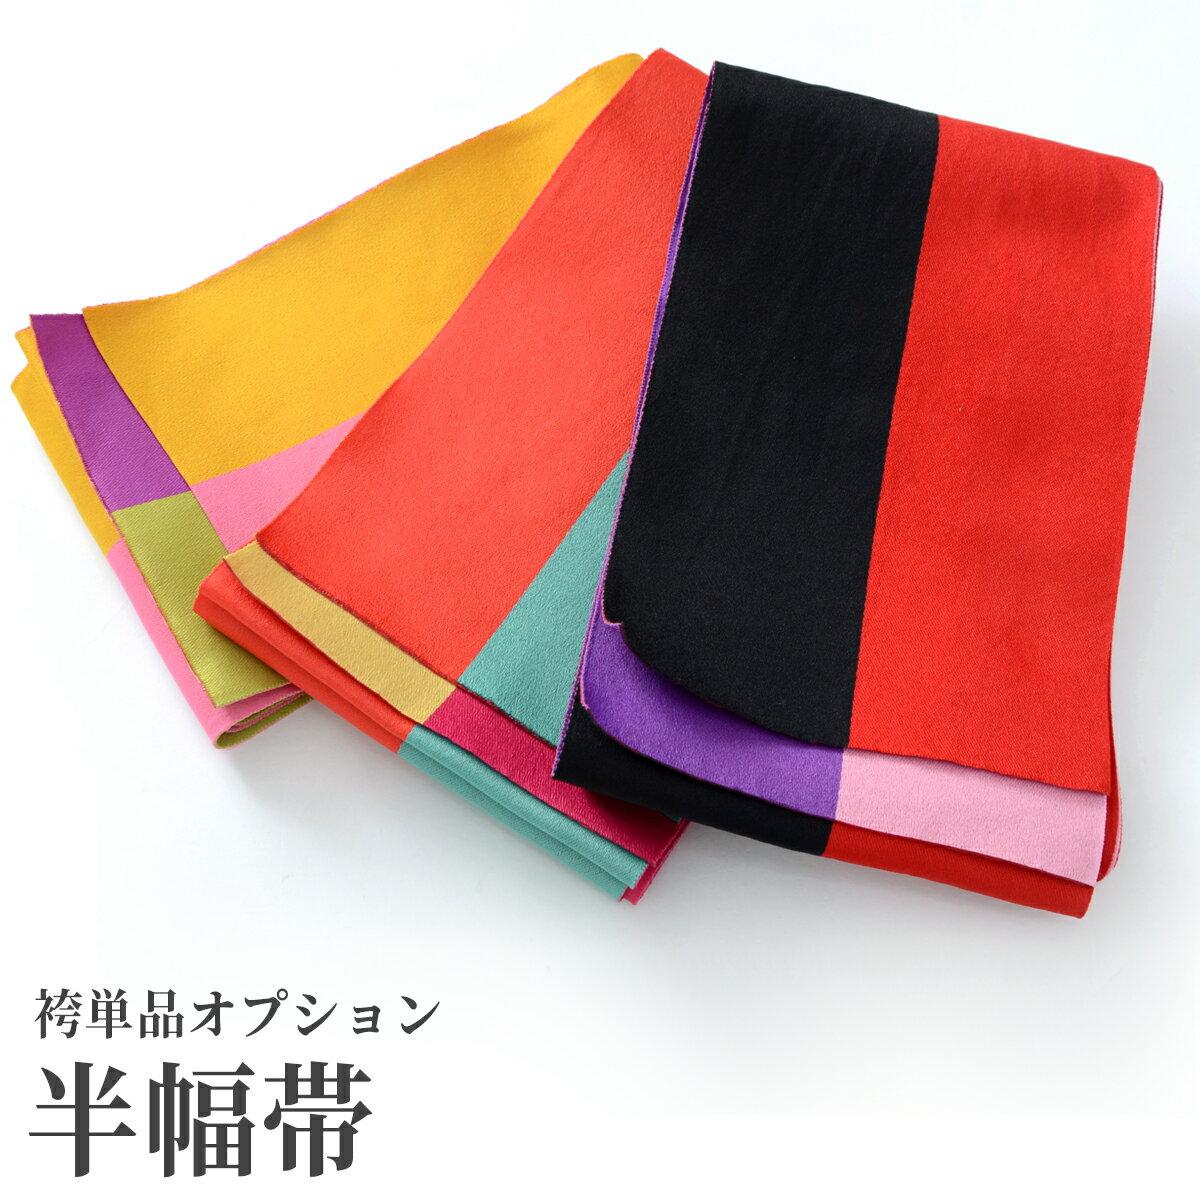 【同梱専用】半幅帯レンタル-袴単品オプション-